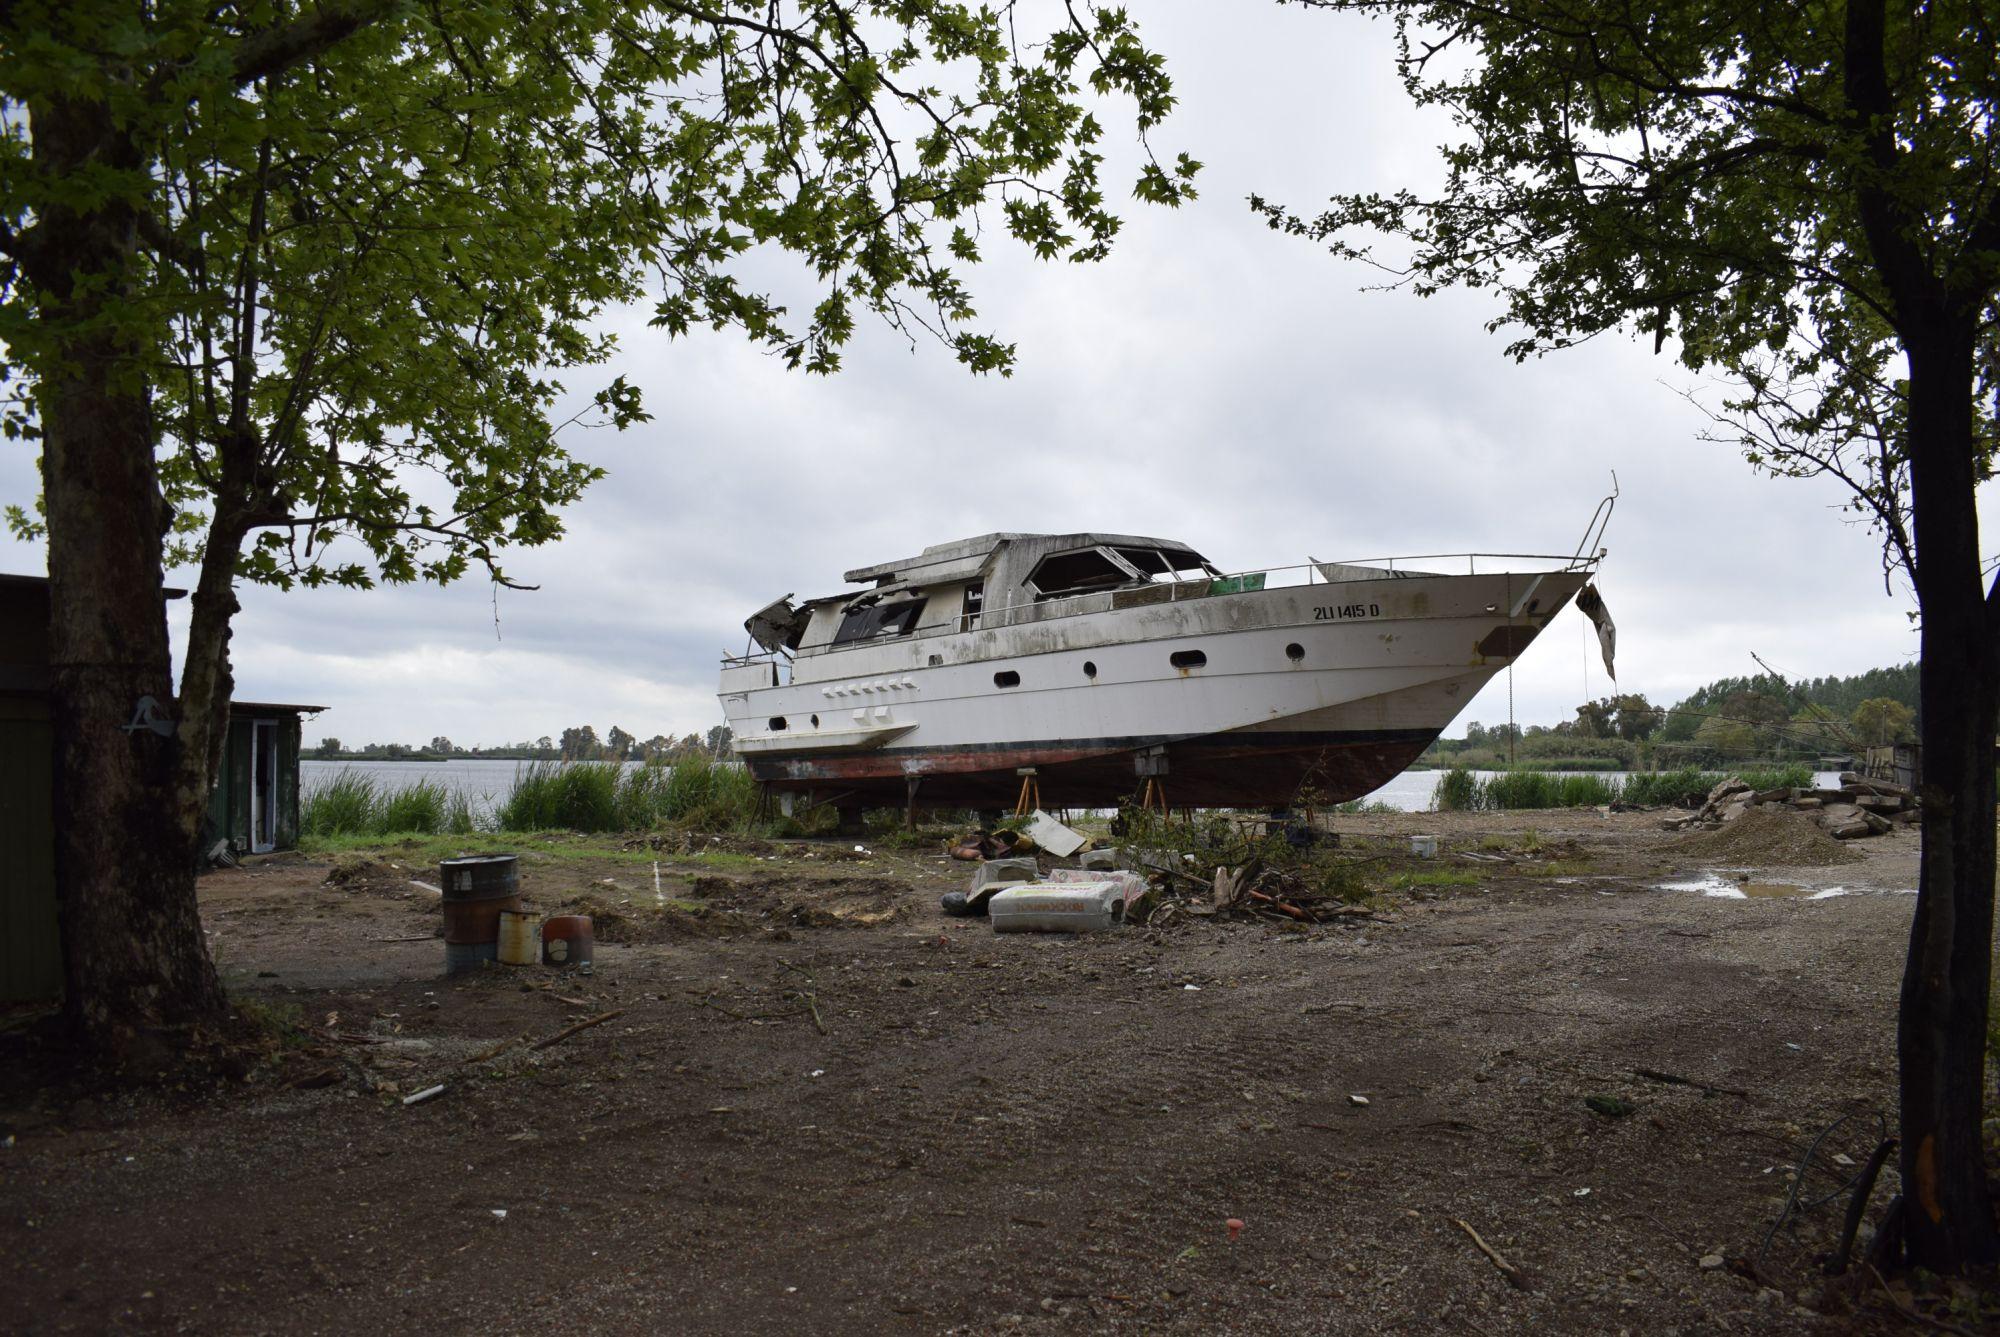 Una terrazza sullo yacht per osservare il lago